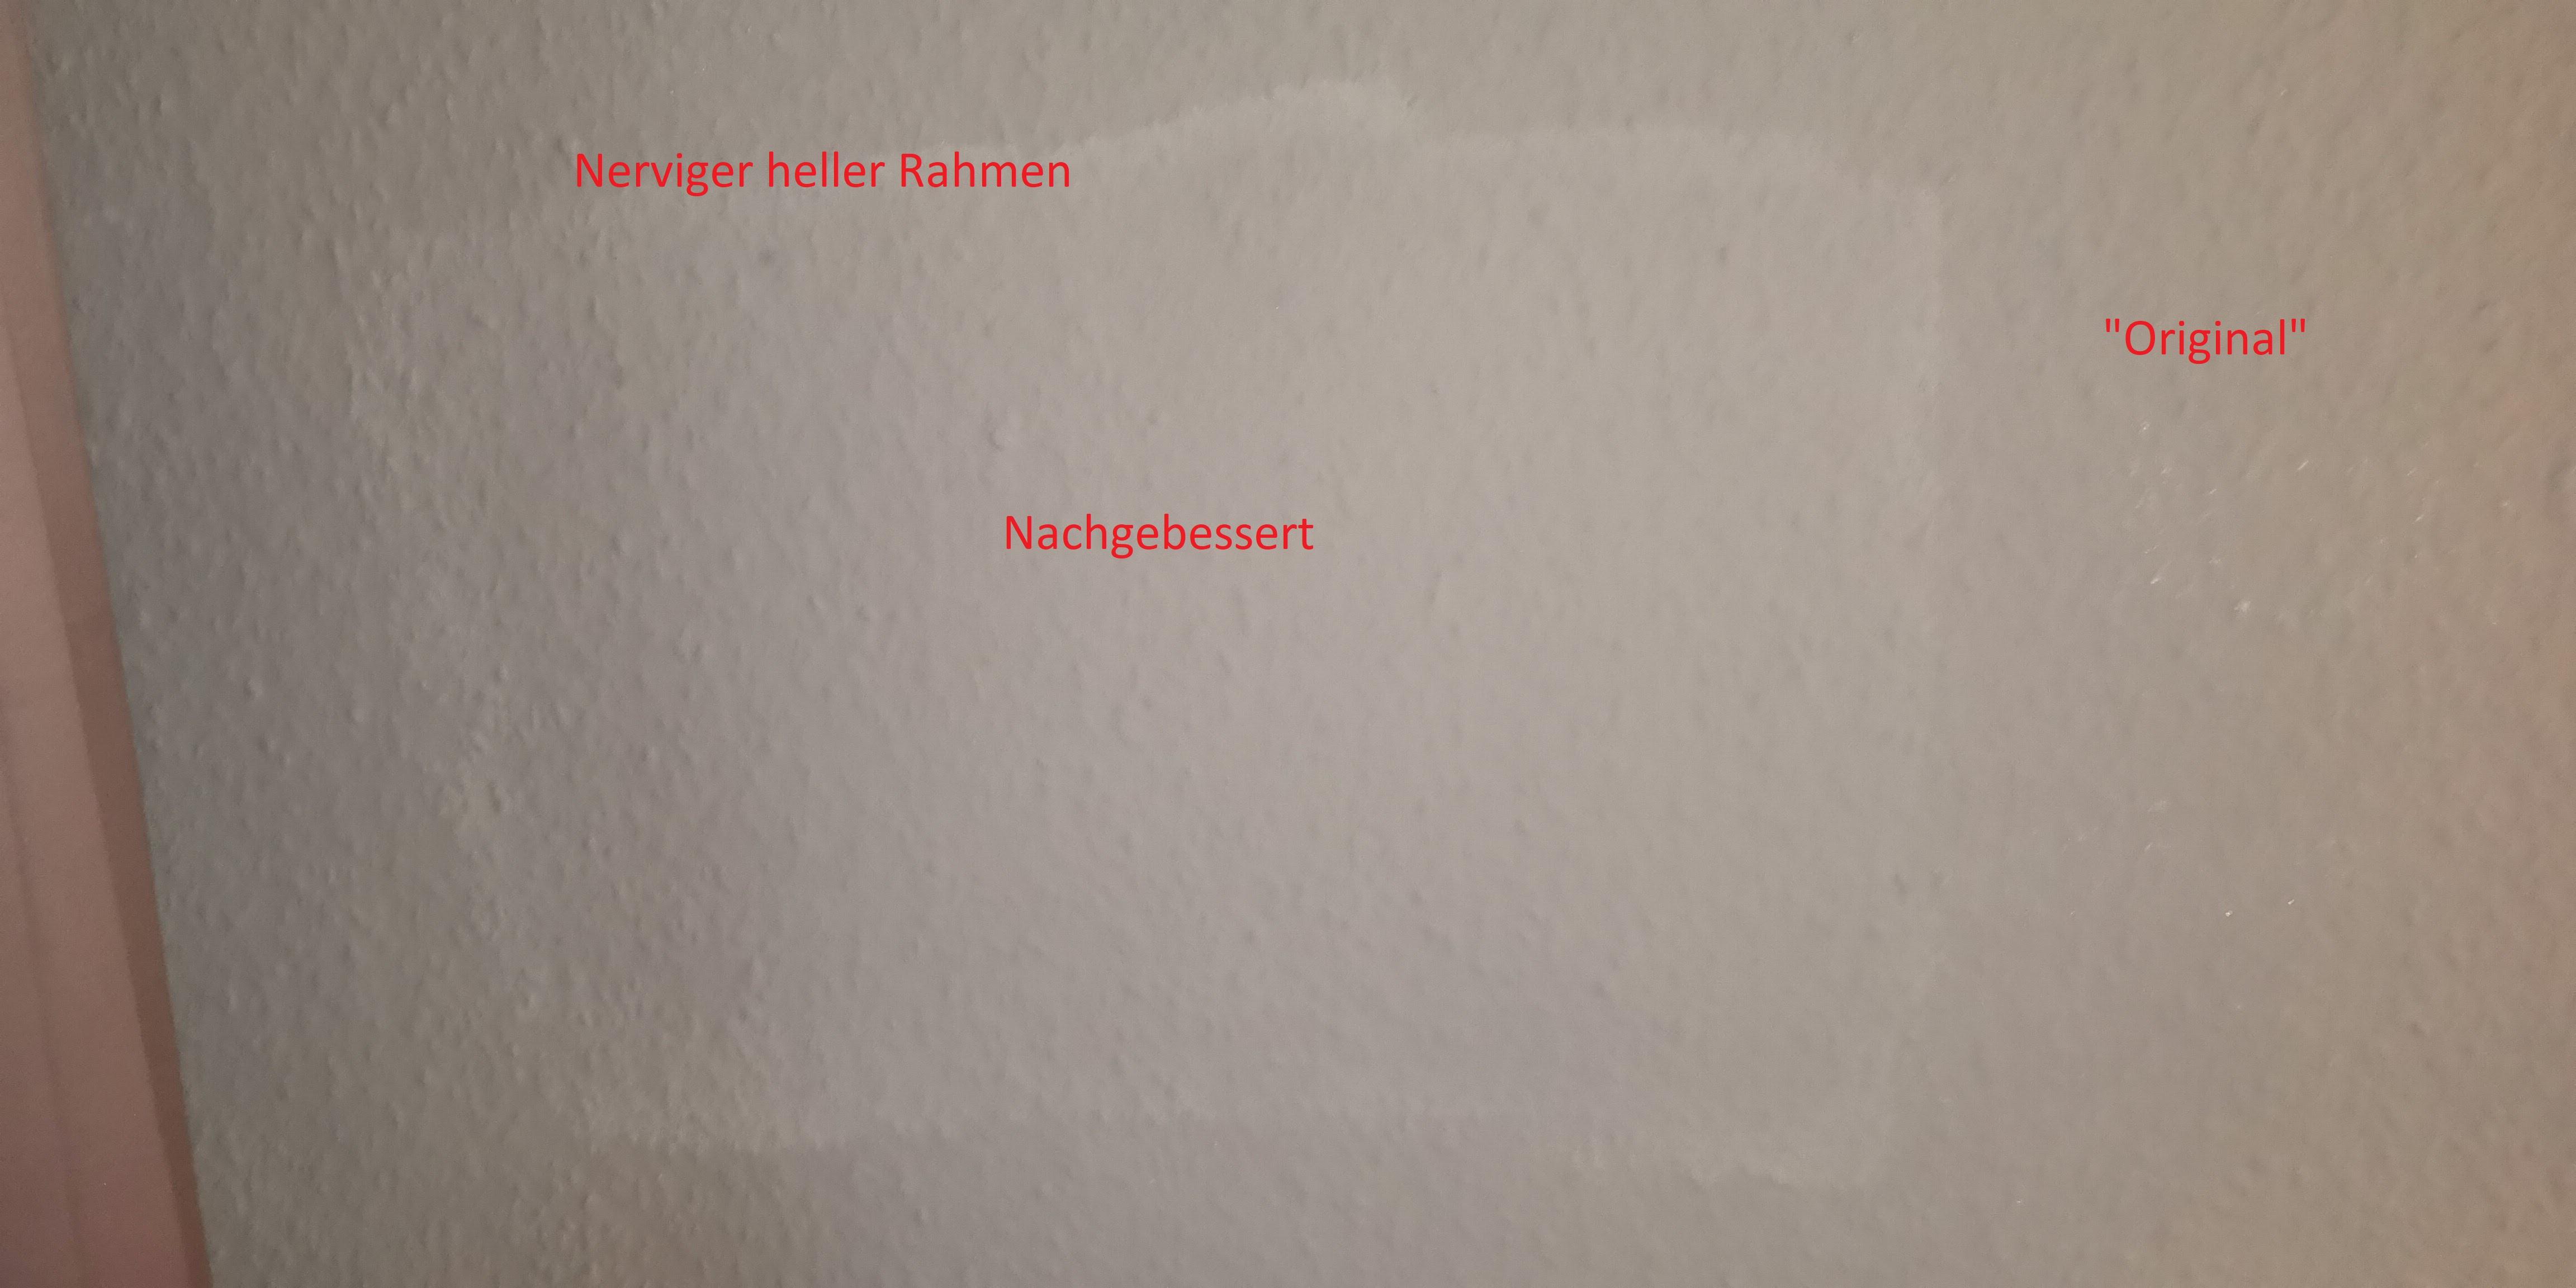 Heller Rahmen beim nachbessern dunkler Wandfarbe? (Maler, Pinsel ...